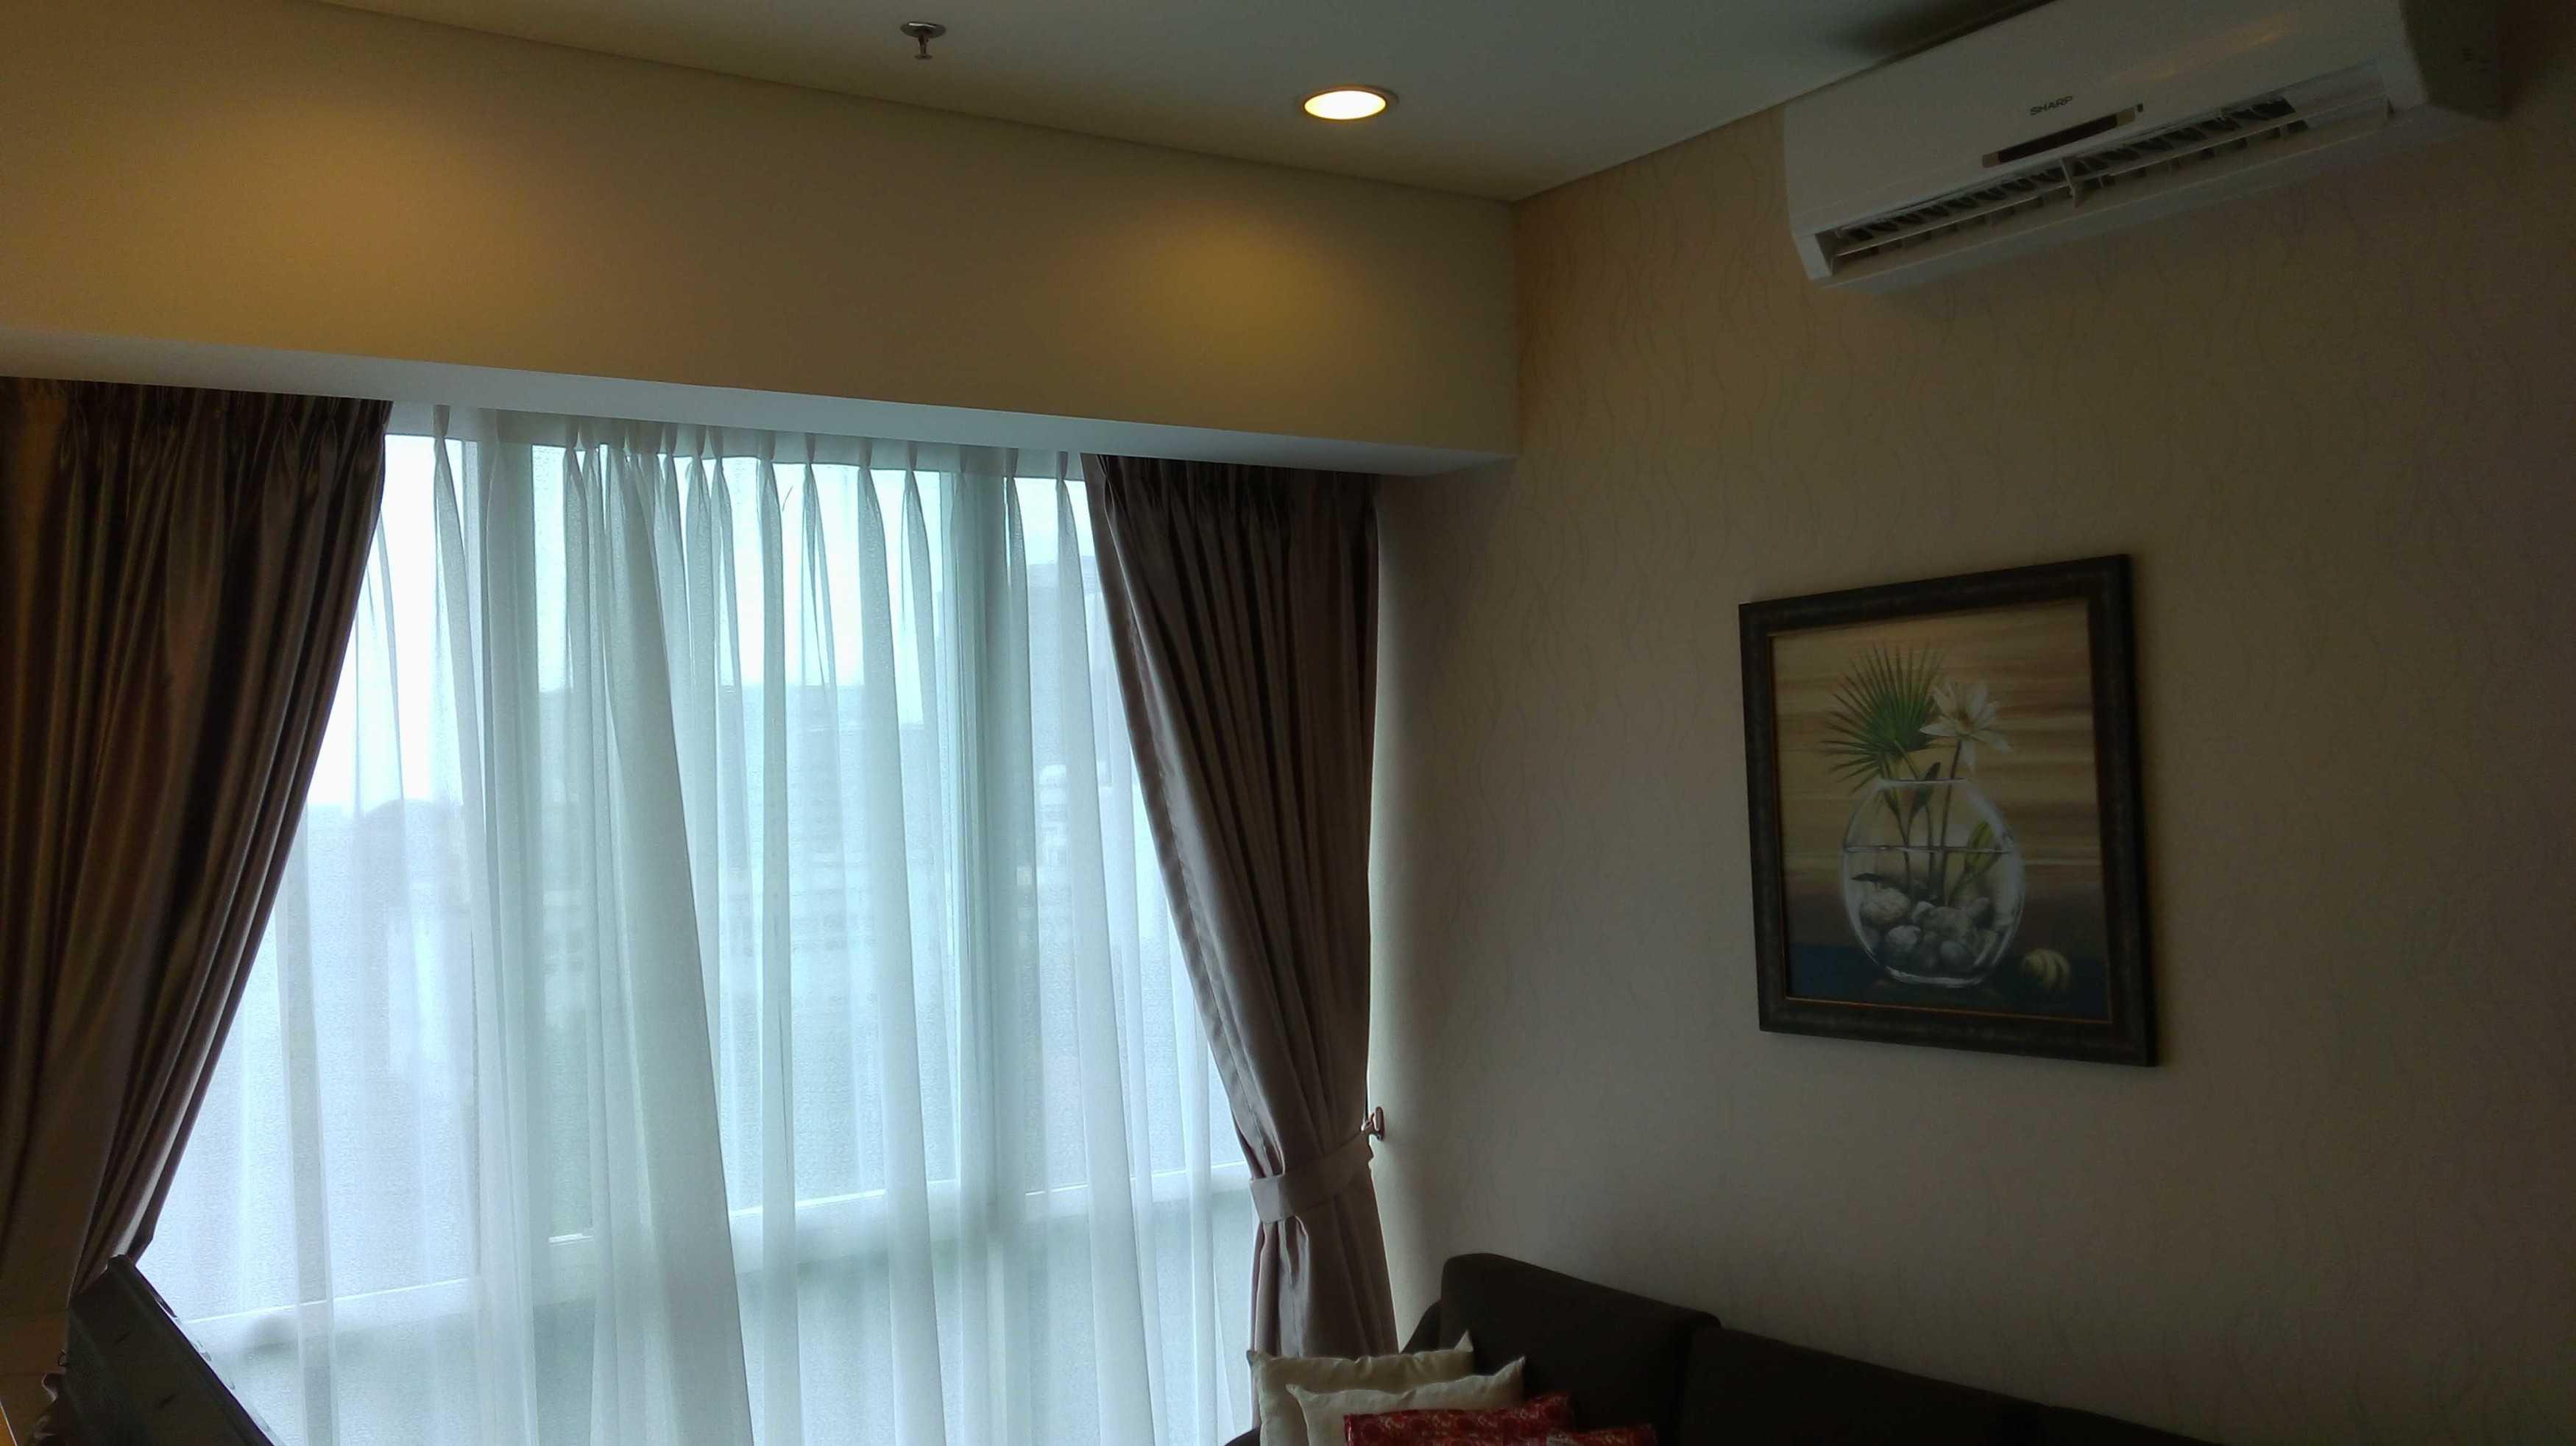 Dekapolis Architecture & Interior Design Apartement Jakarta Selatan Setia Budi, Kota Jakarta Selatan, Daerah Khusus Ibukota Jakarta, Indonesia Jakarta Selatan Photo-20694   20694